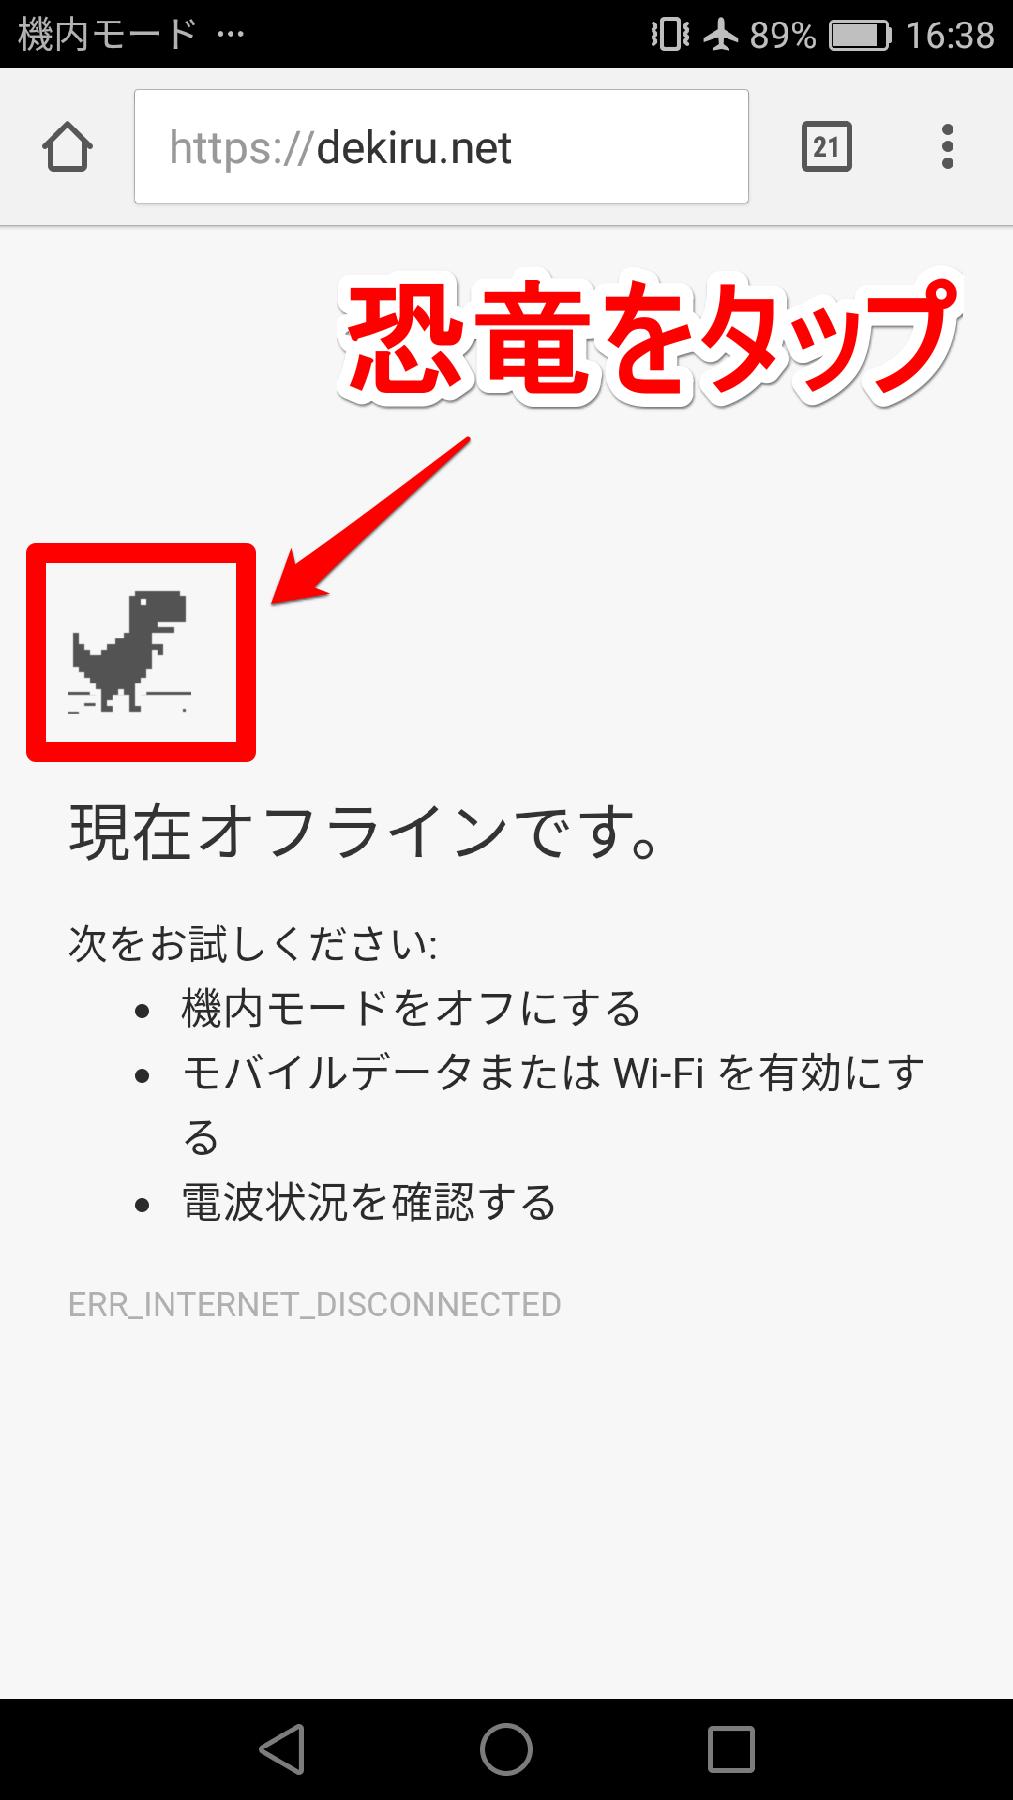 Chromeに恐竜が表示された画面